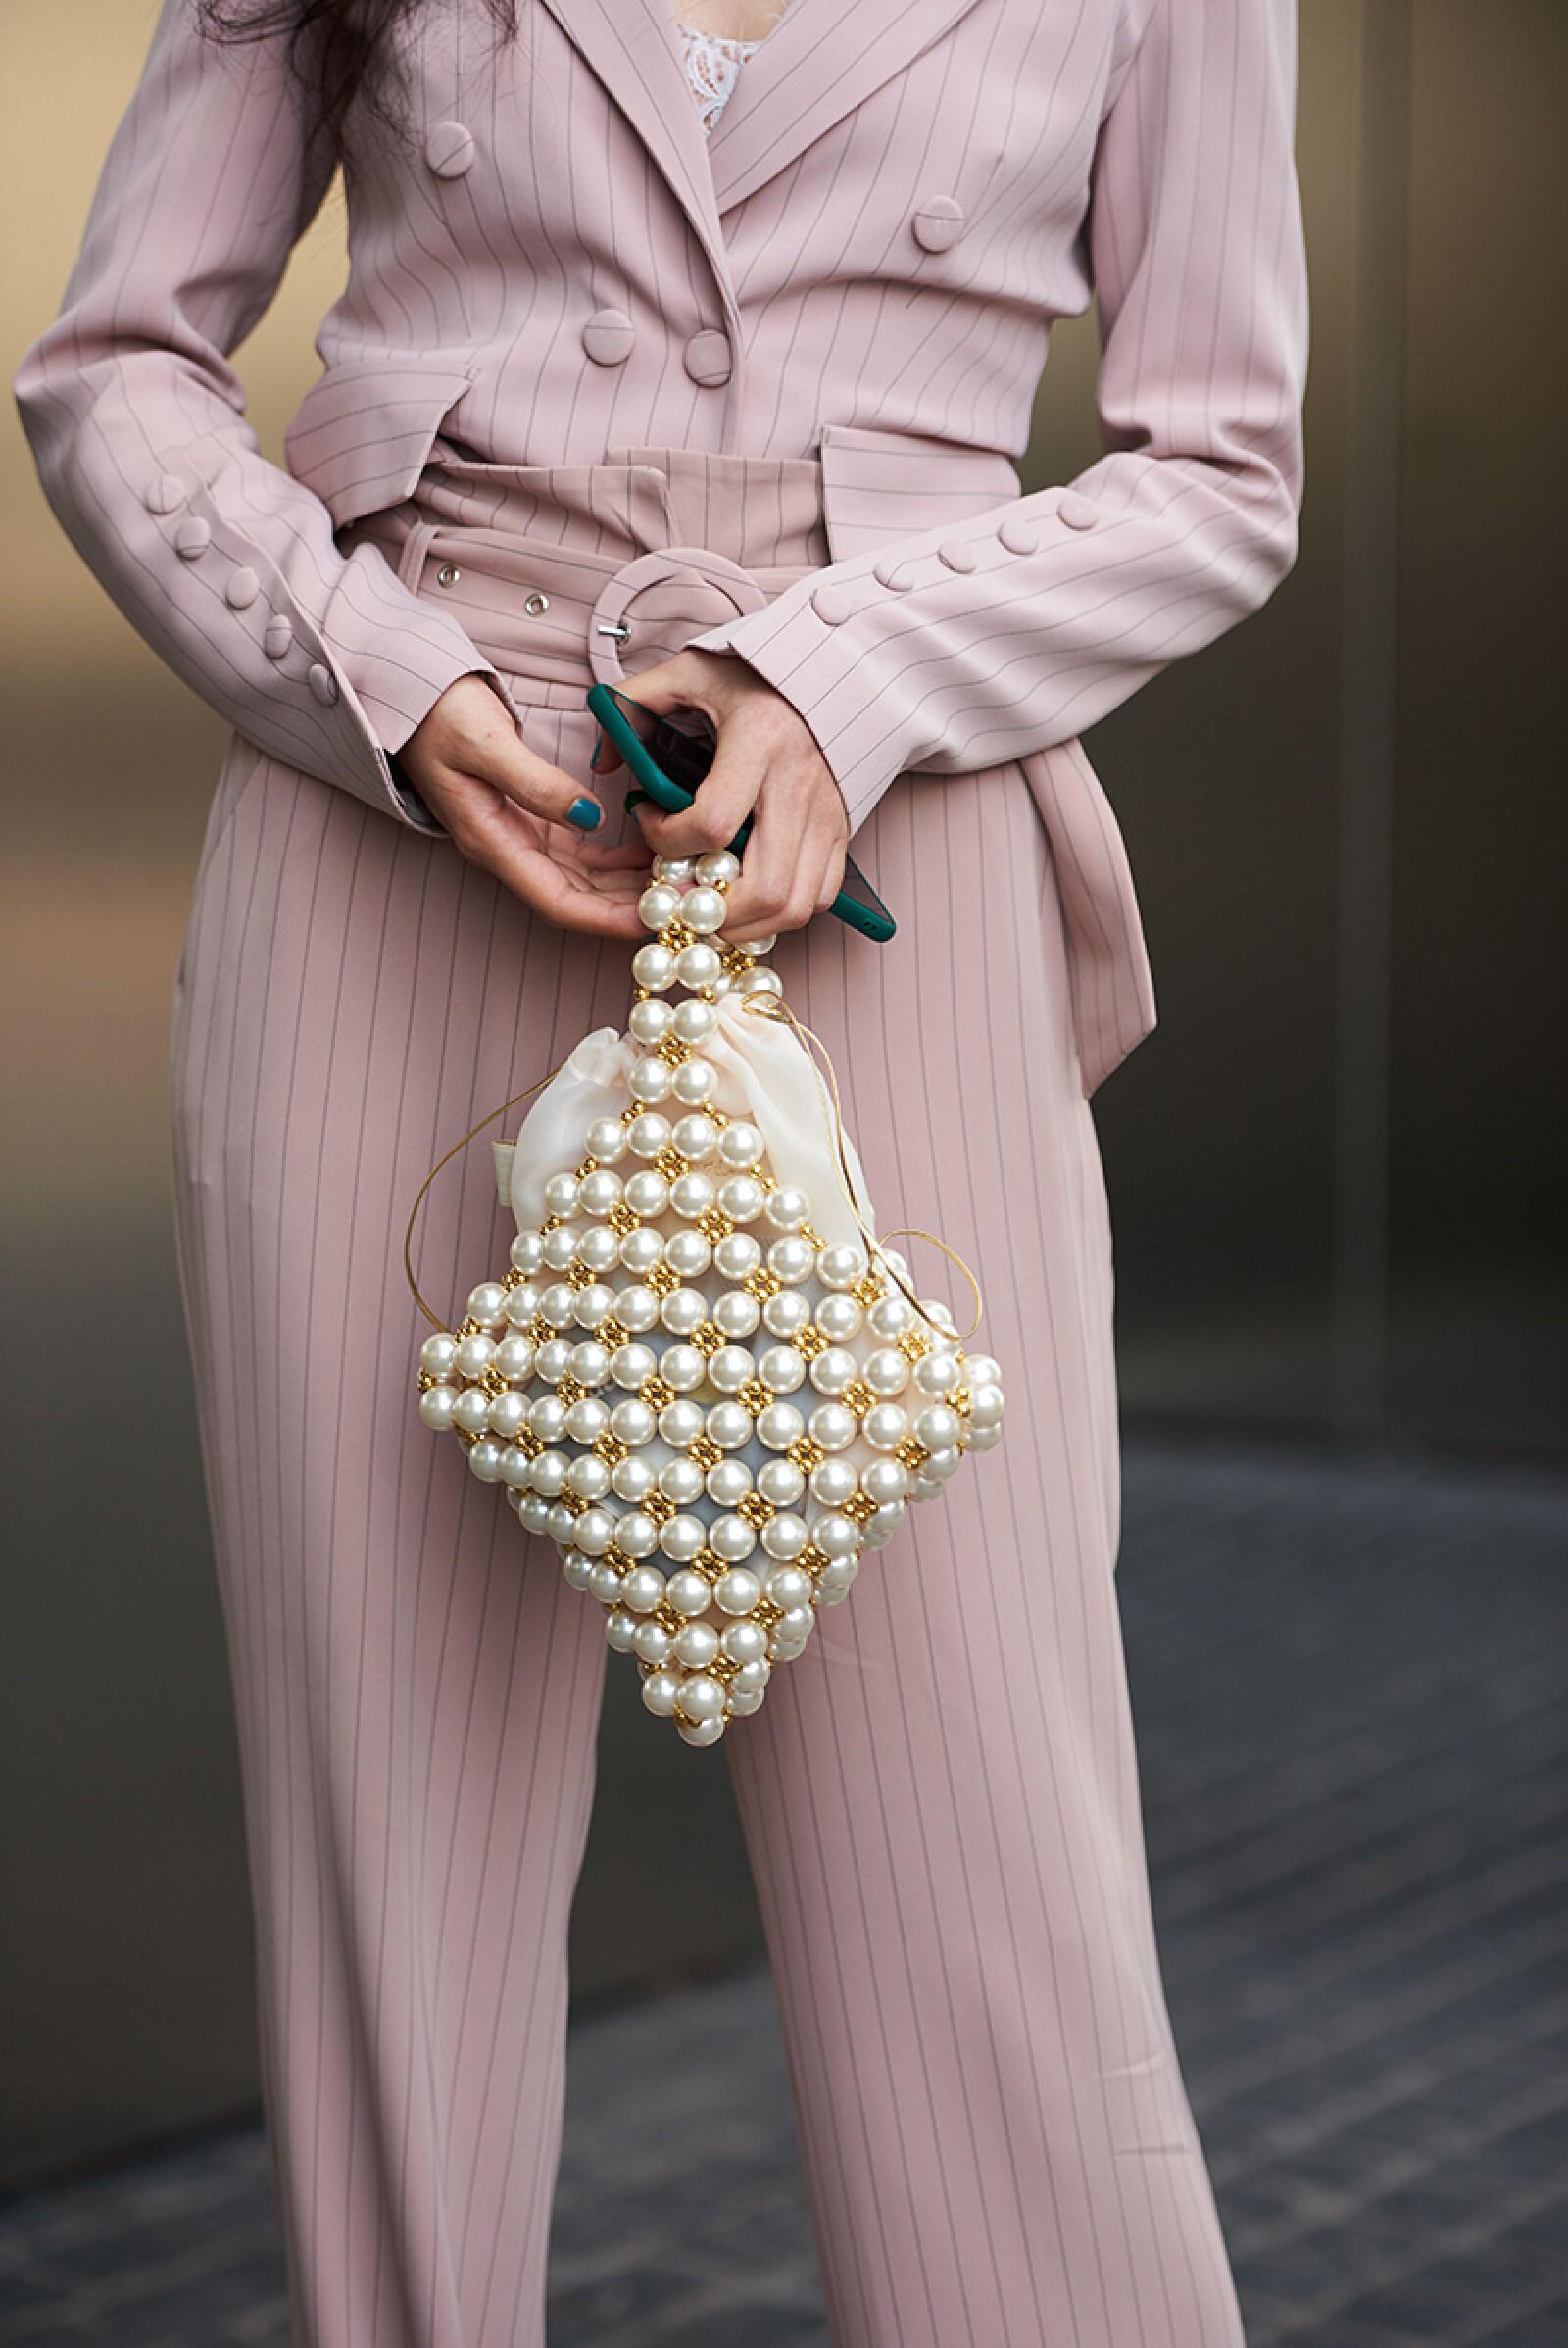 Street Style, Spring Summer 2020, London Fashion Week, UK - 14 Sep 2019